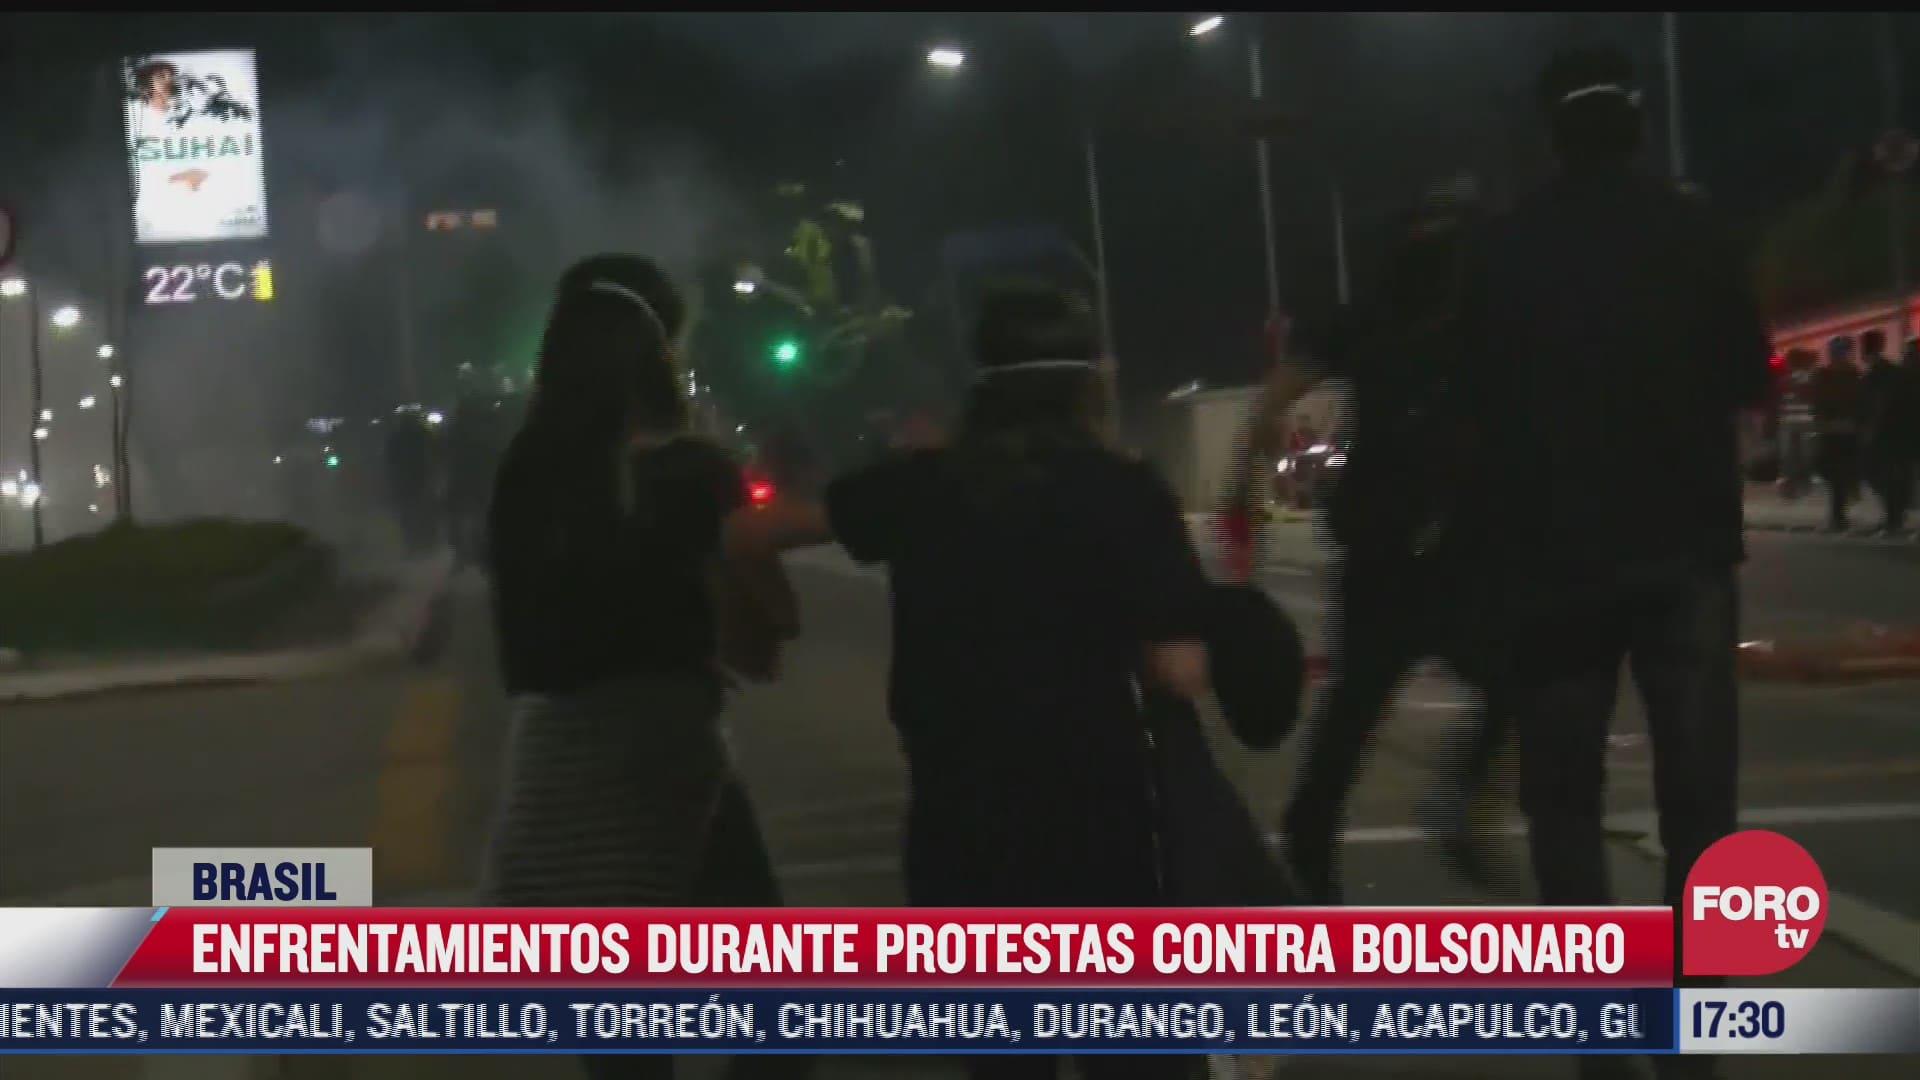 enfrentamientos durante protestas contra bolsonaro en brasil